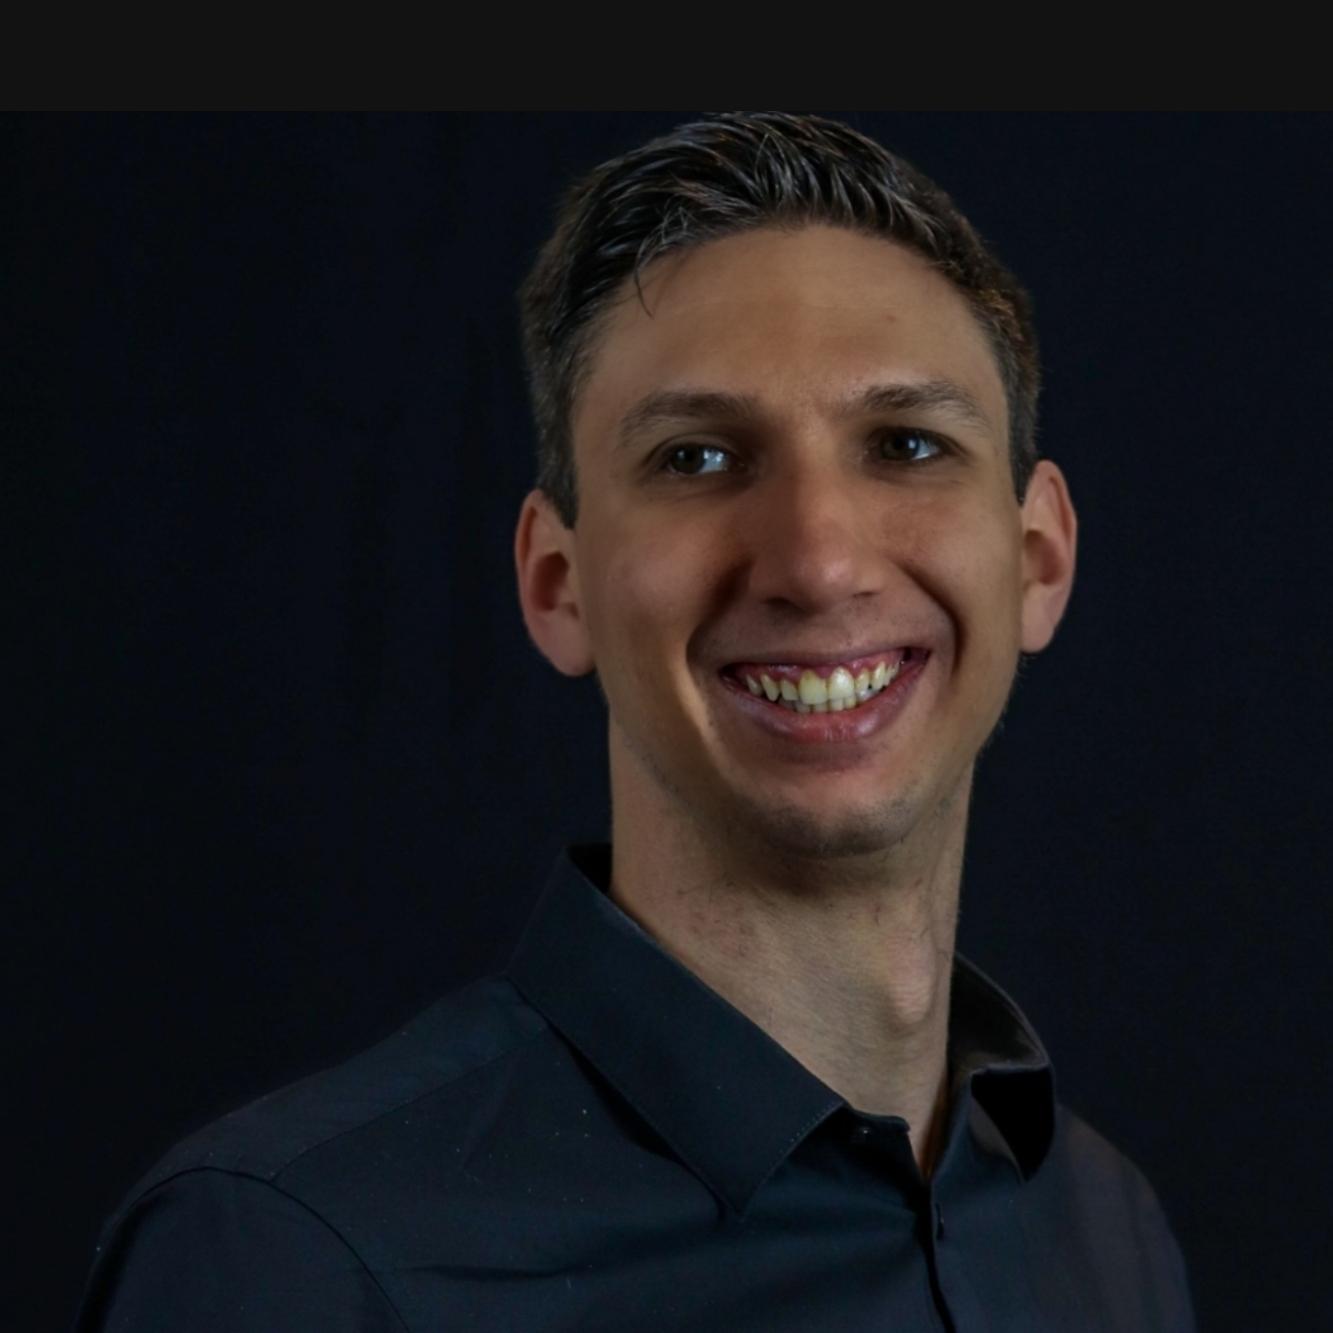 Quentin-François Boissier, votre chiropracteur à Enghien-les-Bains